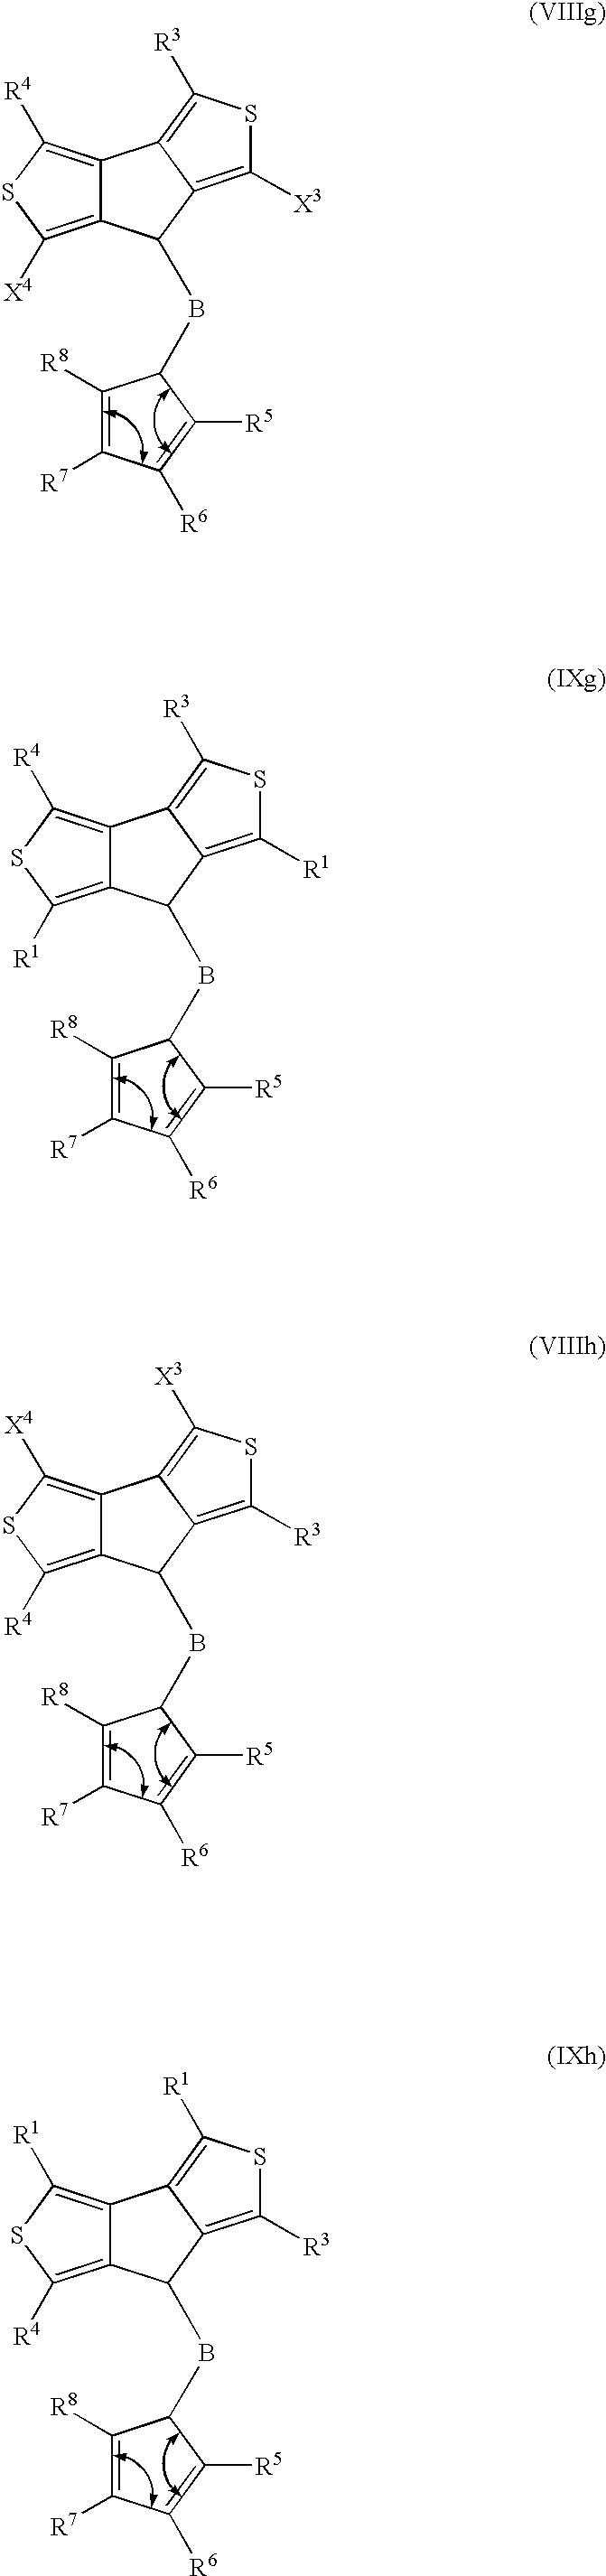 Figure US07910783-20110322-C00042